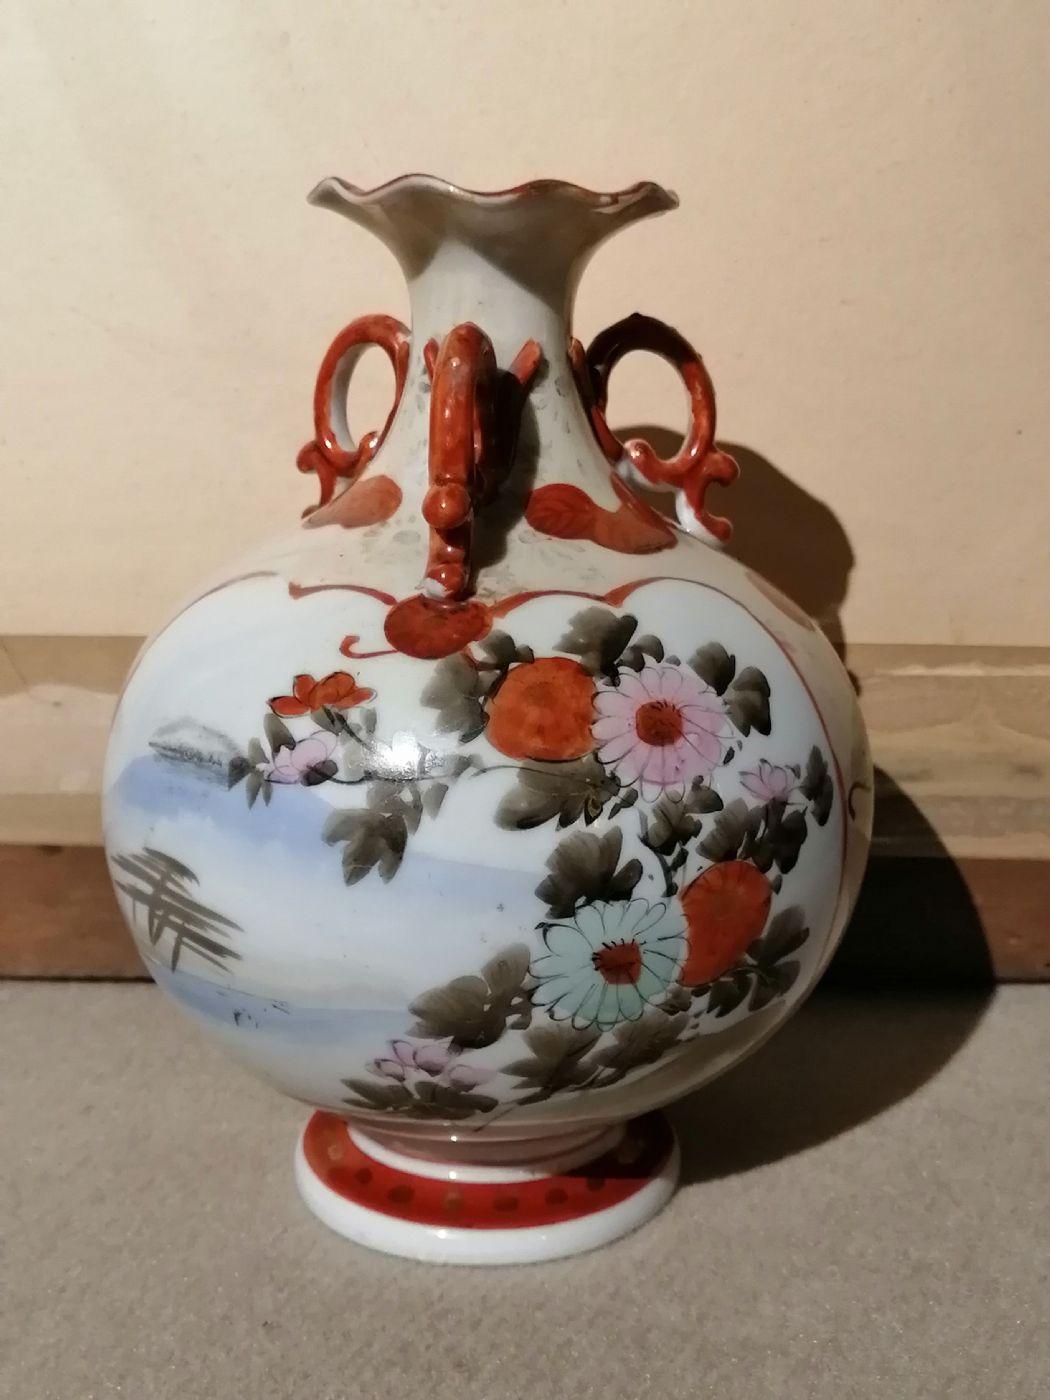 thumb2|Vaso giapponese dell'800 in ceramica dipinta